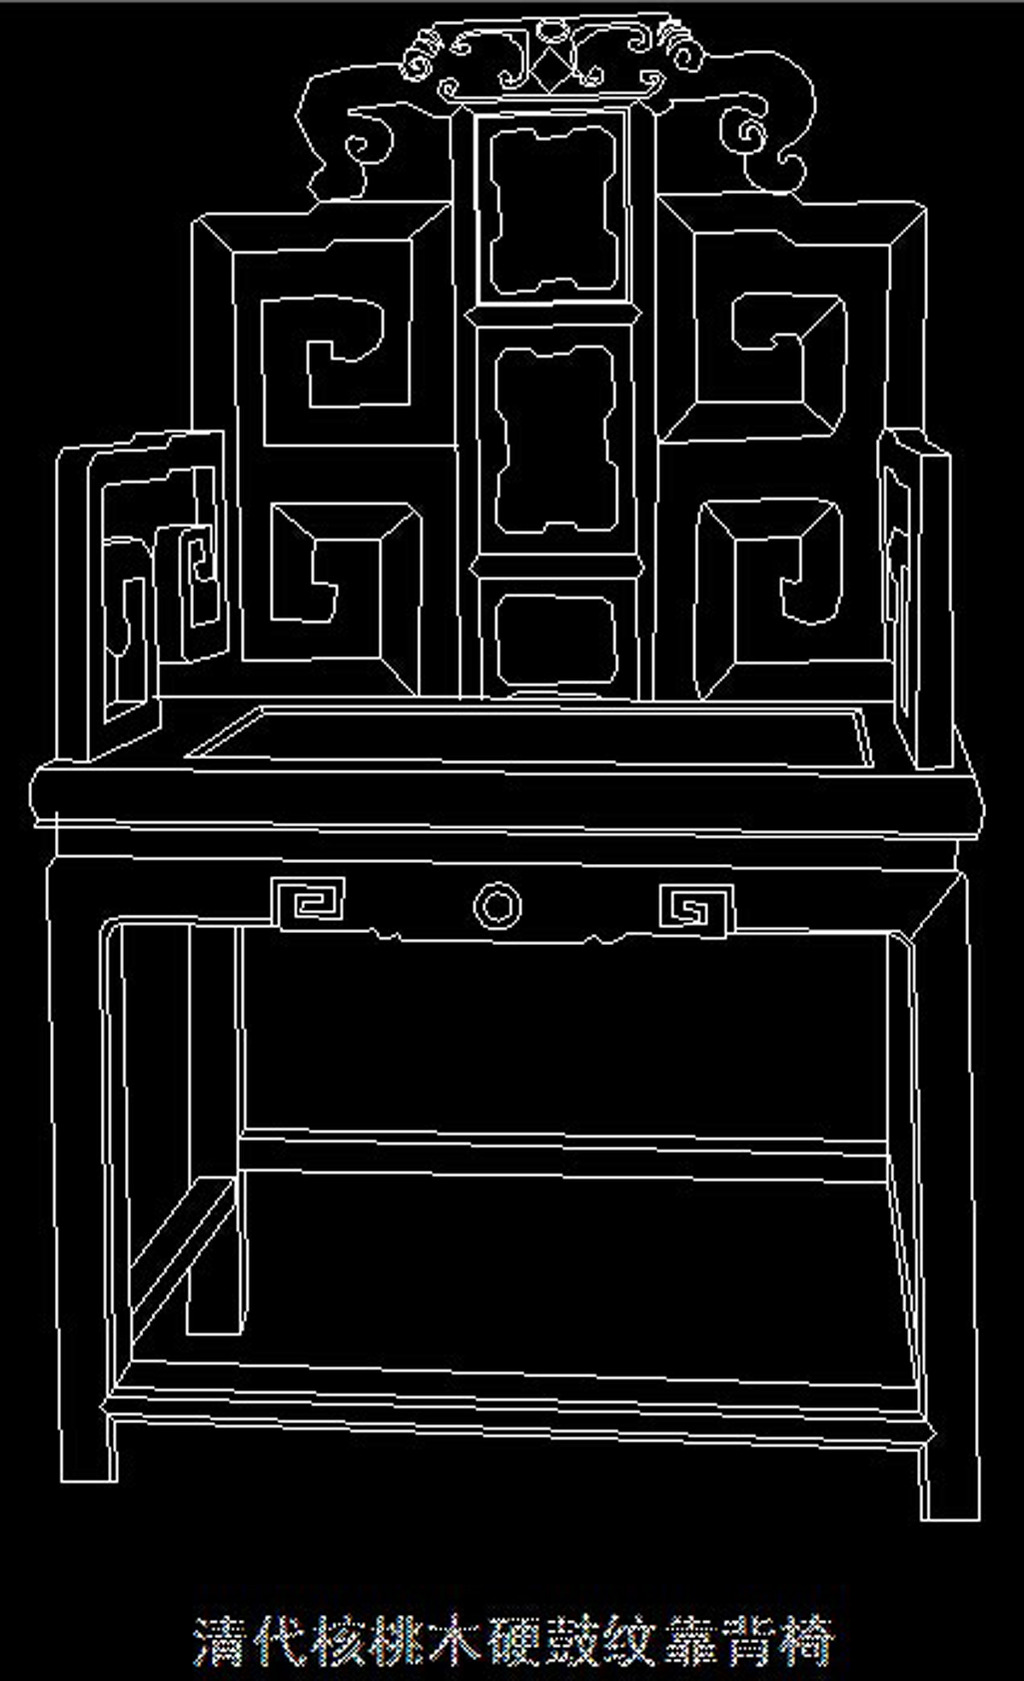 清代核桃木硬鼓纹靠背椅cad图